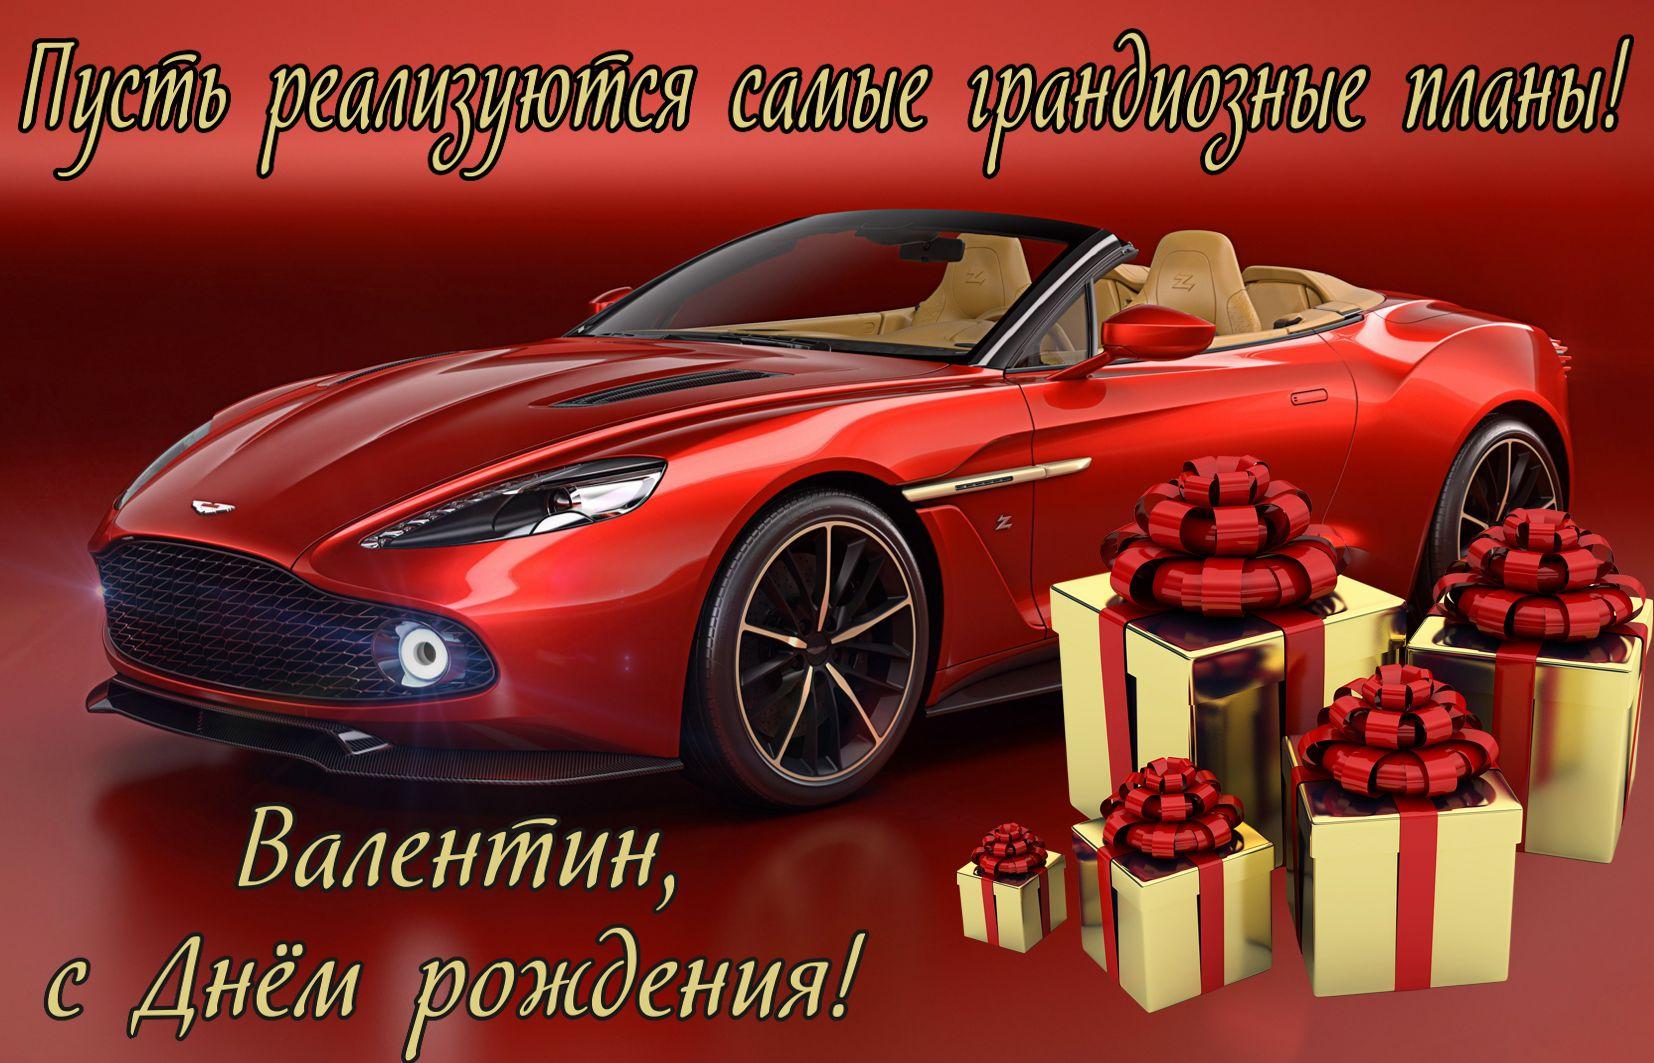 Открытка - подарки и машина на День рождения Валентину